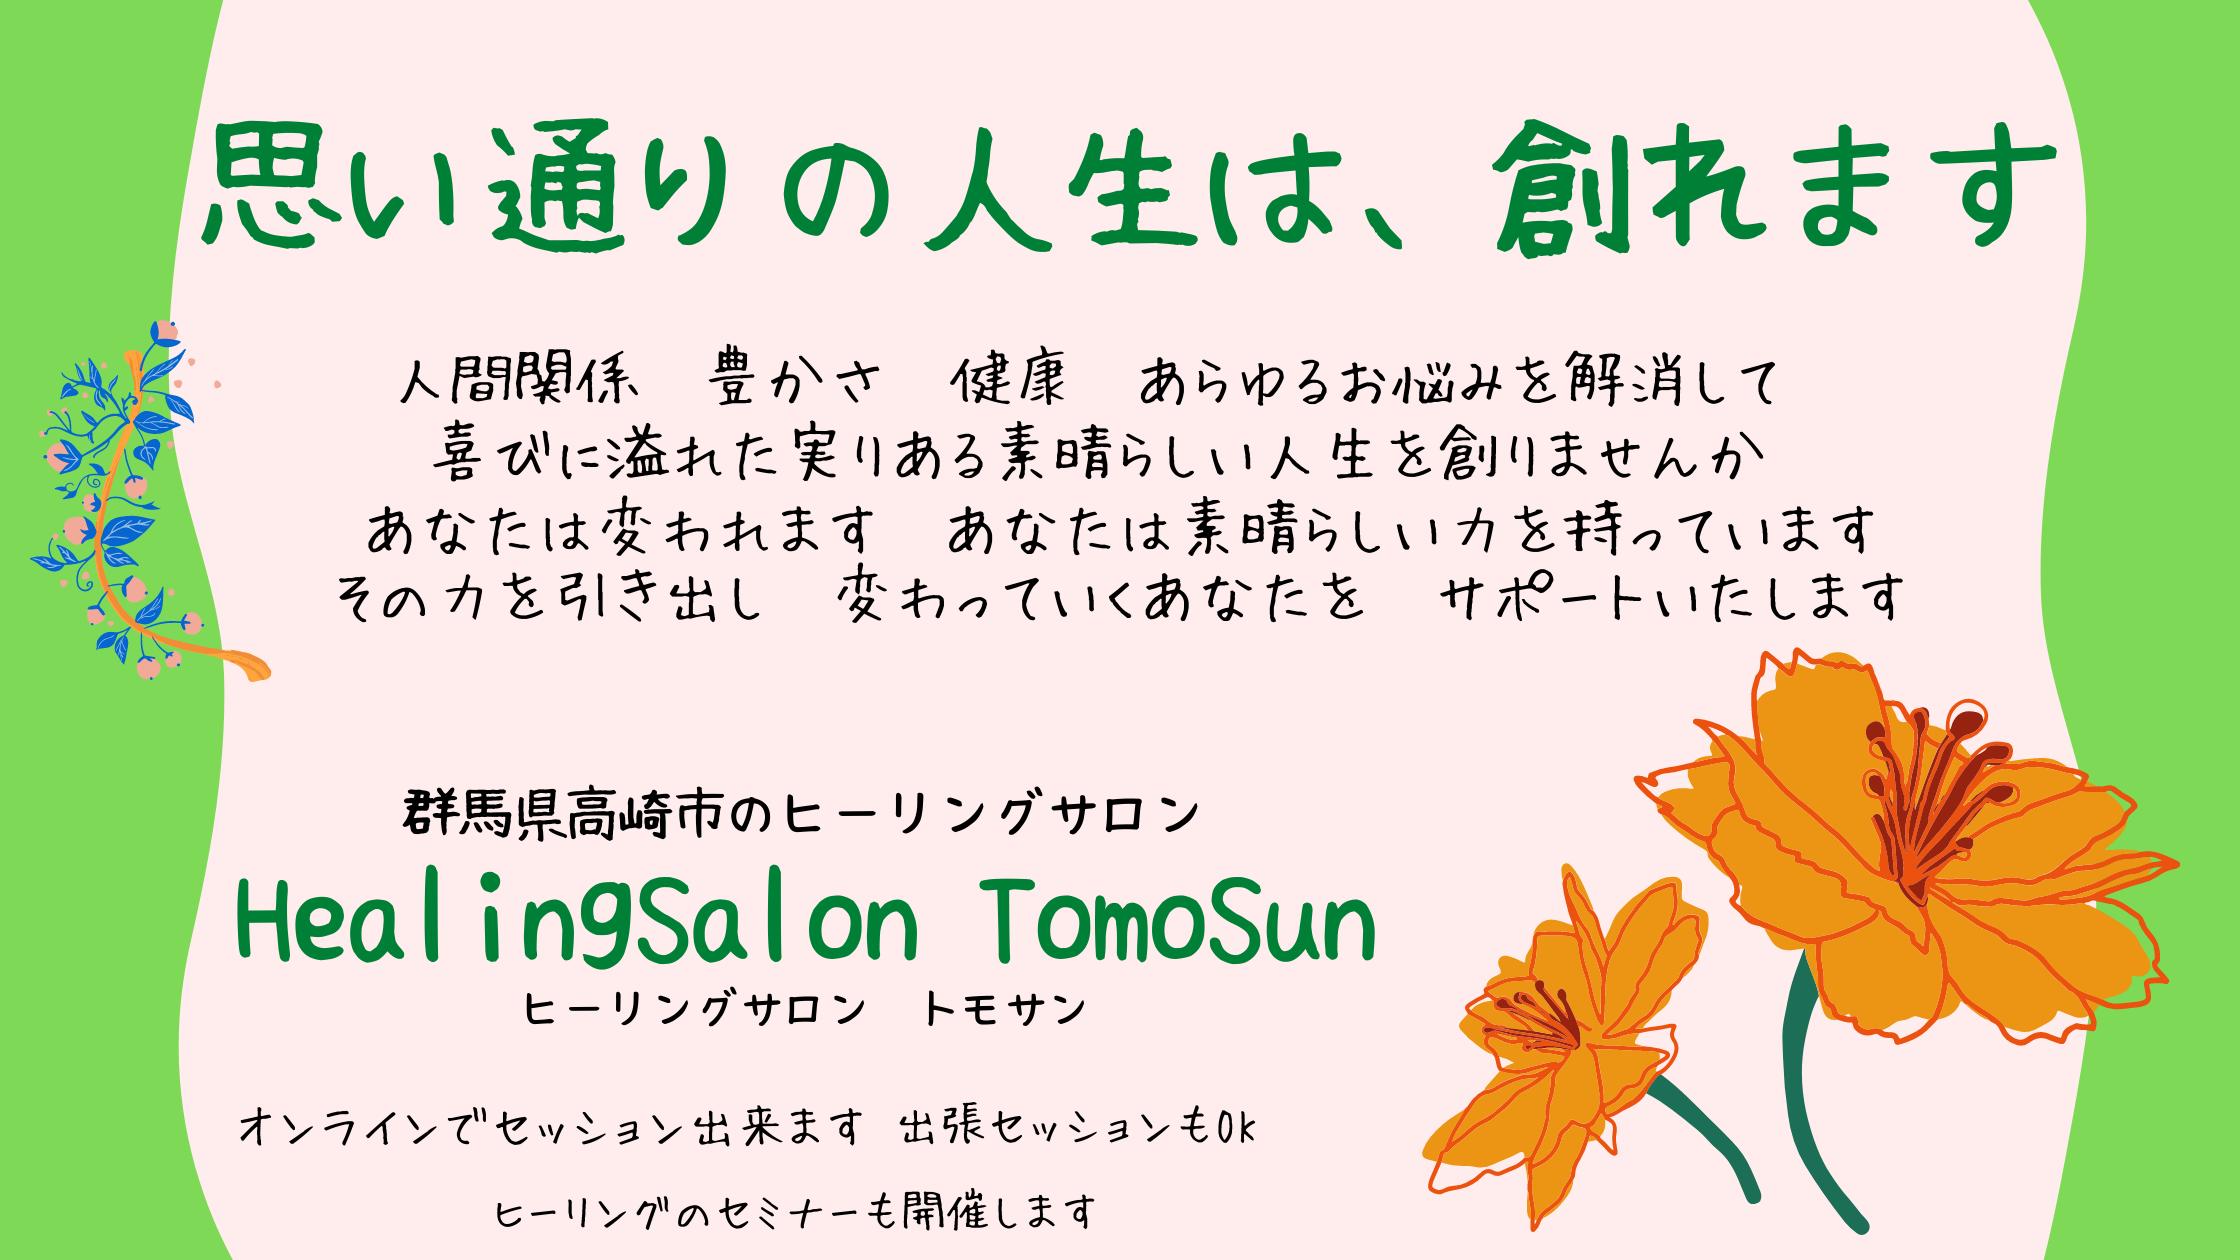 ヒーリングサロン トムサン バナー広告